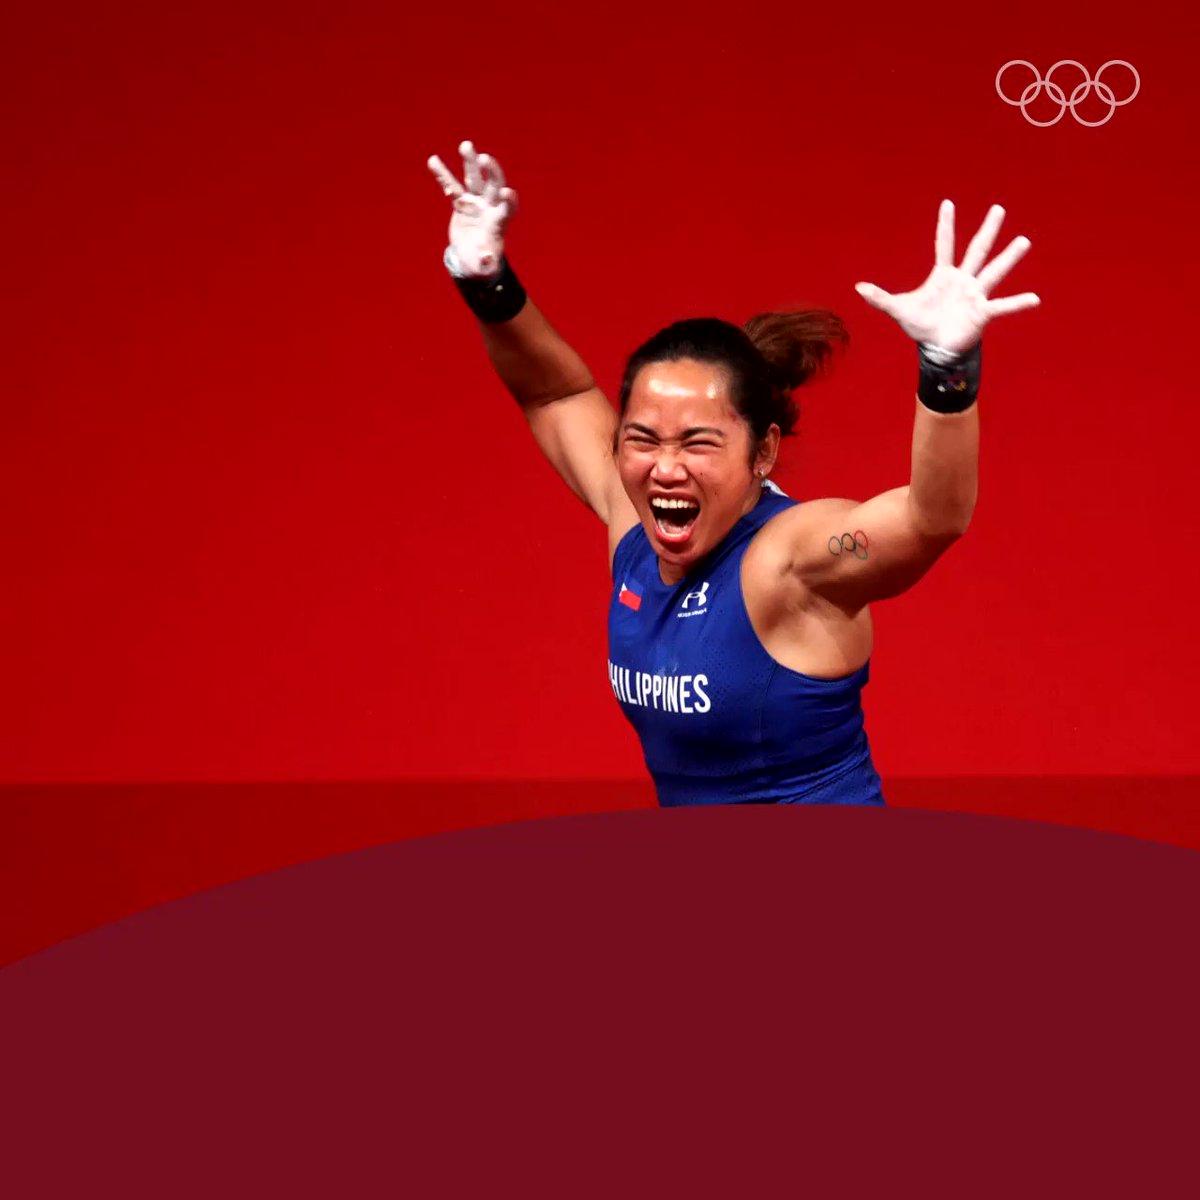 @Olympics's photo on Hidilyn Diaz